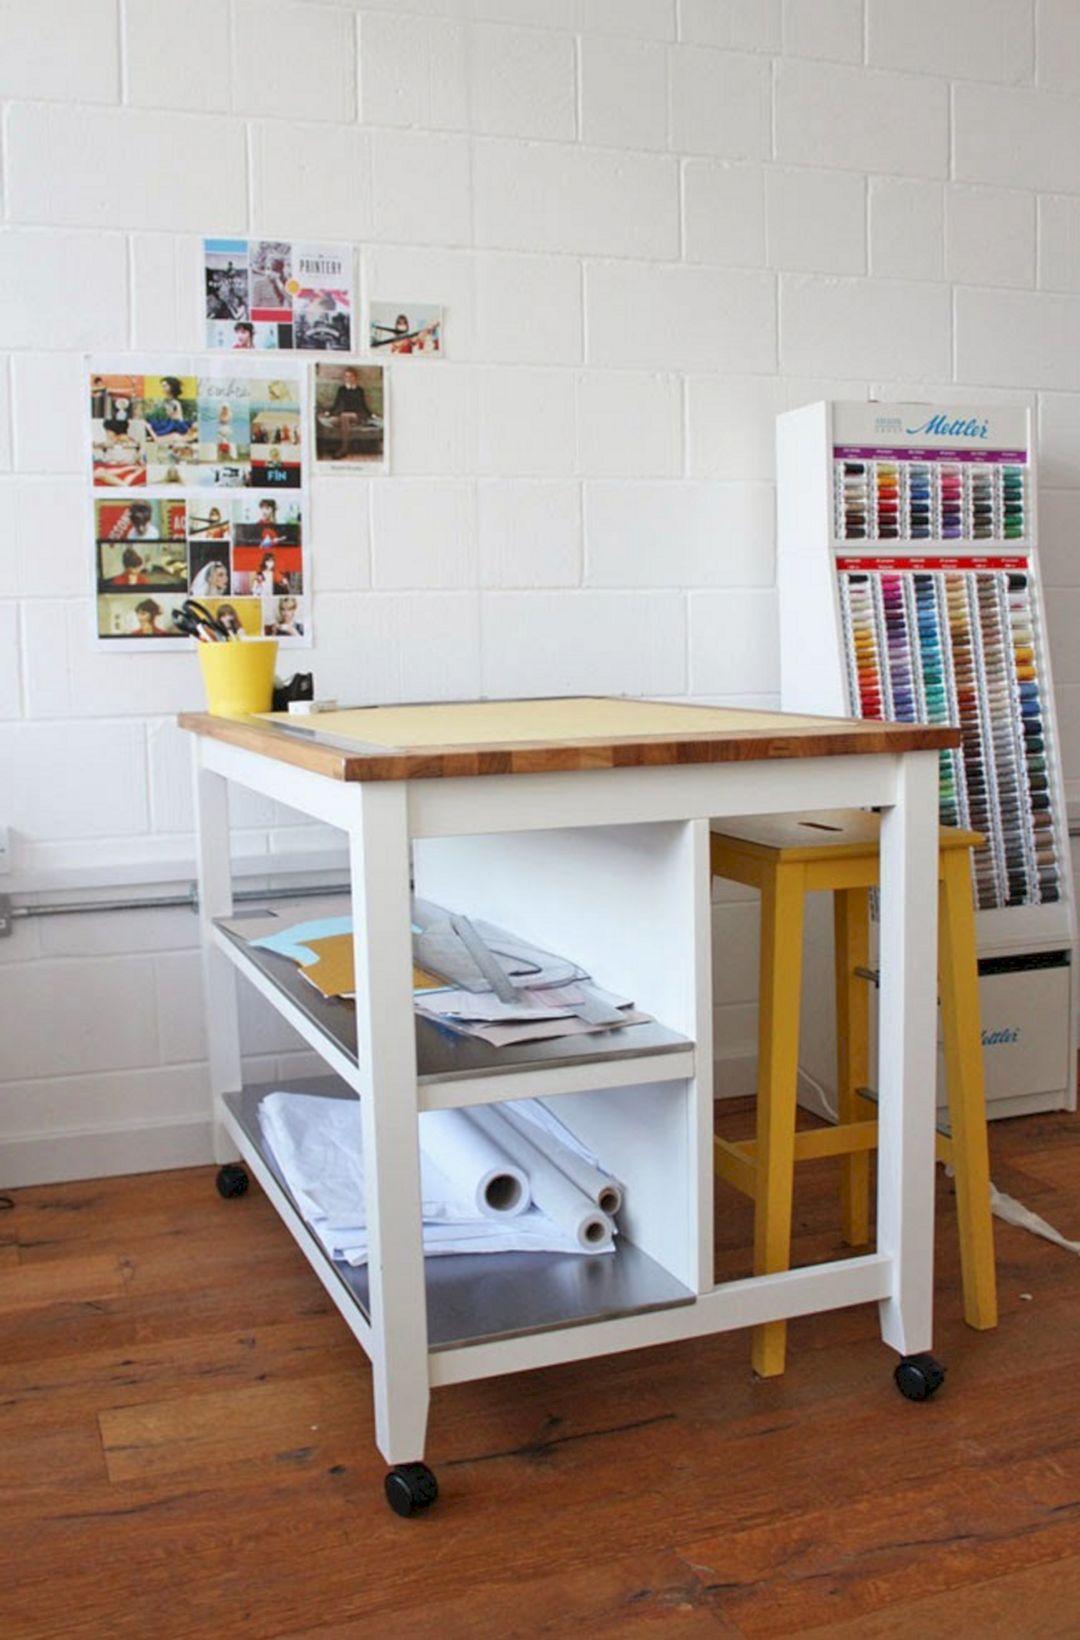 12 Best Ikea Craft Room Ideas With Stunning Storage Organization